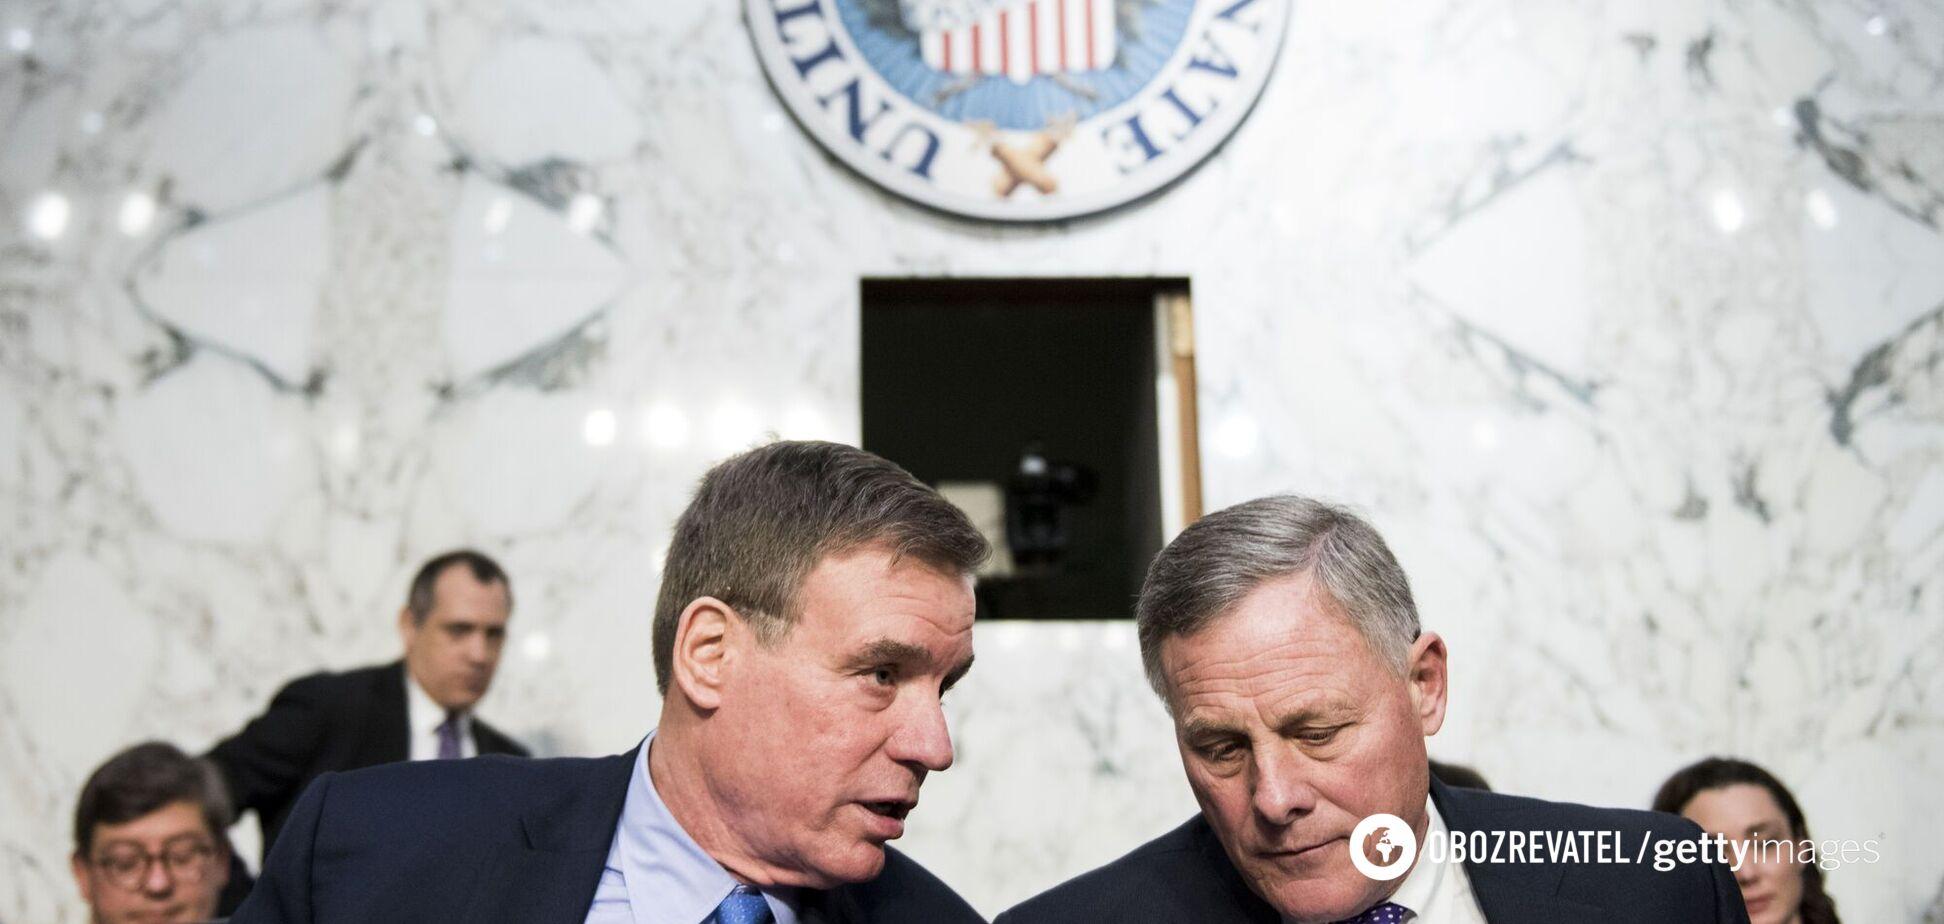 Комитет Сената США обнародовал отчет о вмешательстве России в выборы президента в 2016 году.